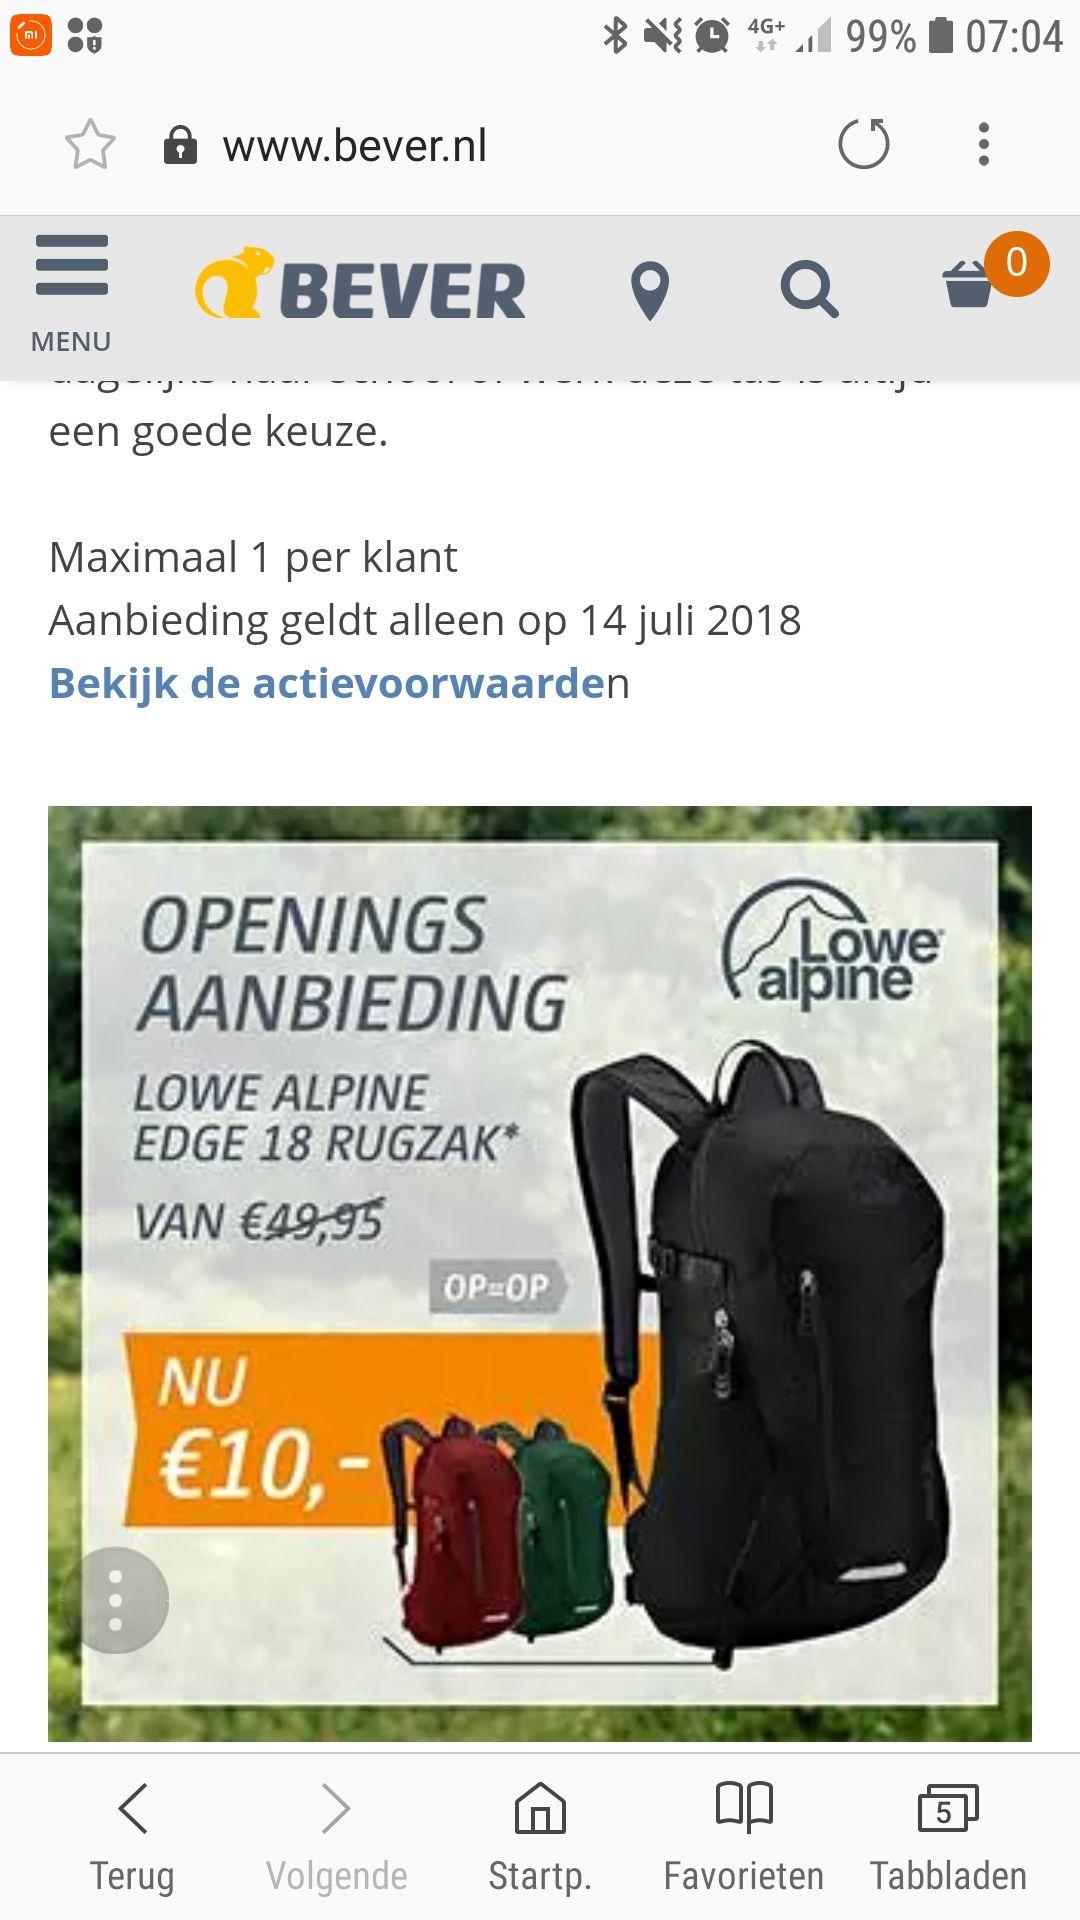 Lowe Alpine tas voor 10,- bij opening bever Rotterdam